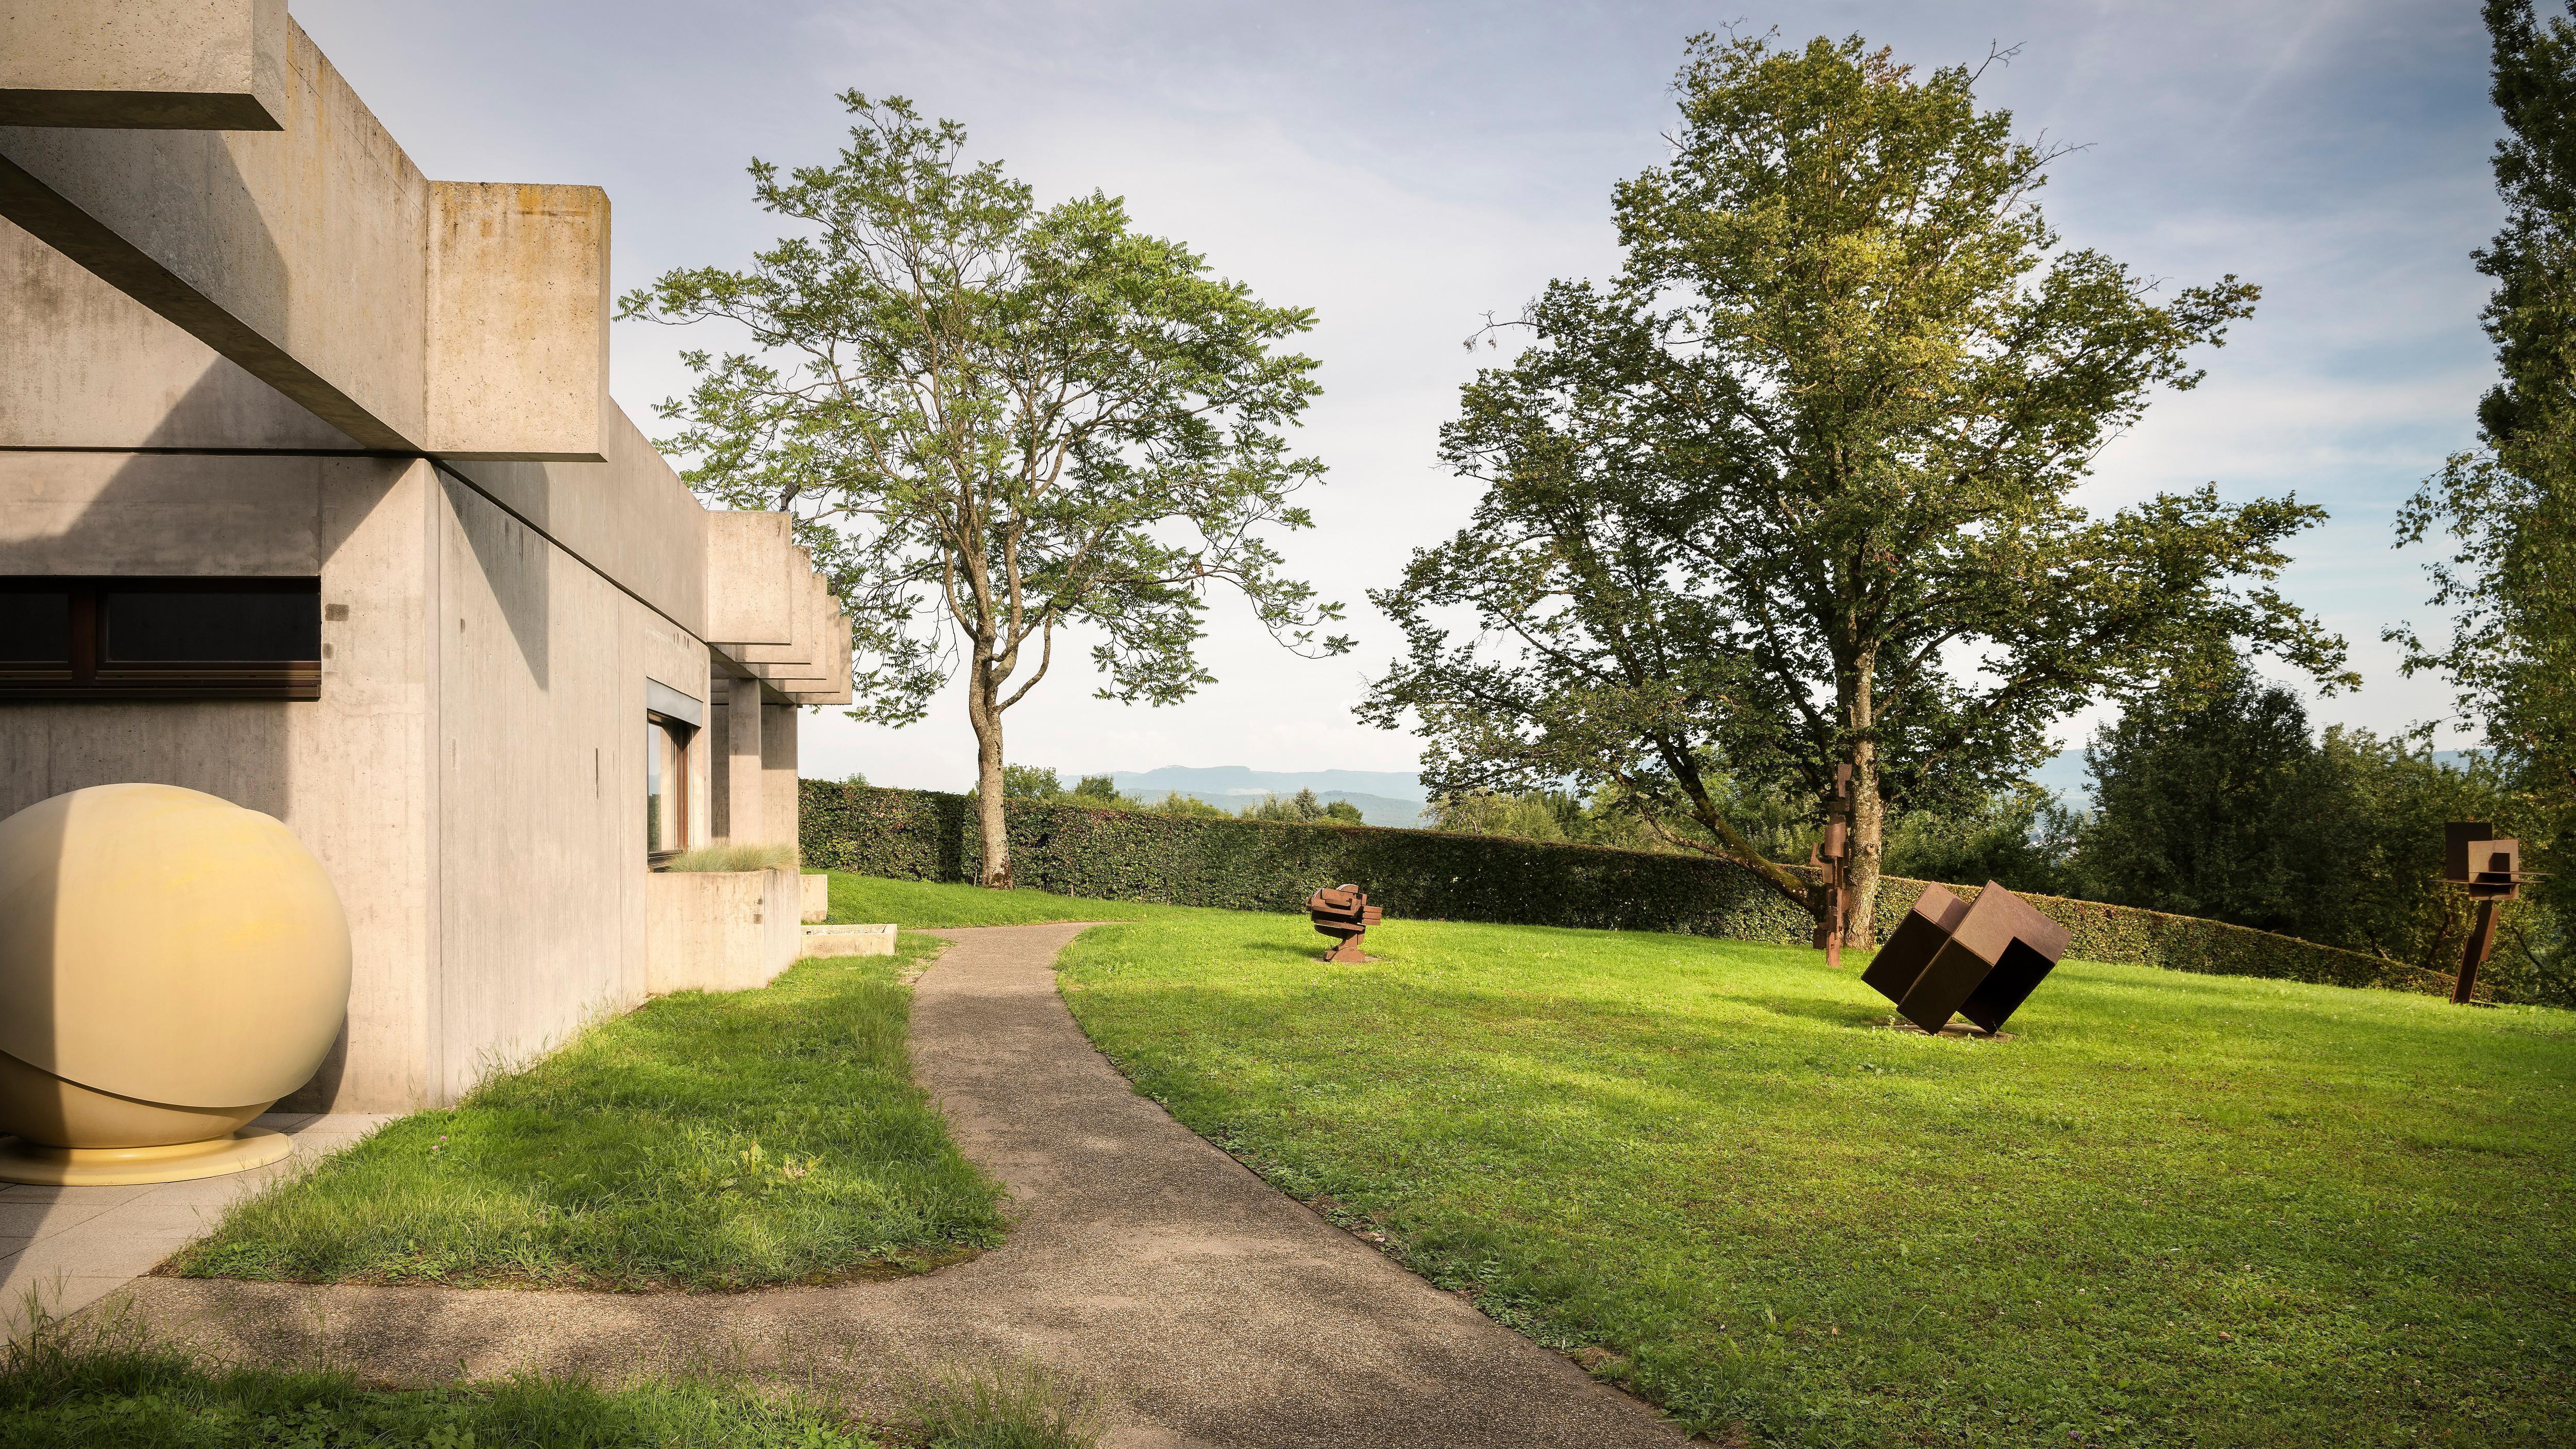 Sammlung Domnick, Villa und Garten mit Skulpturen; Foto: Staatliche Schlösser und Gärten Baden-Württemberg, Günther Bayerl